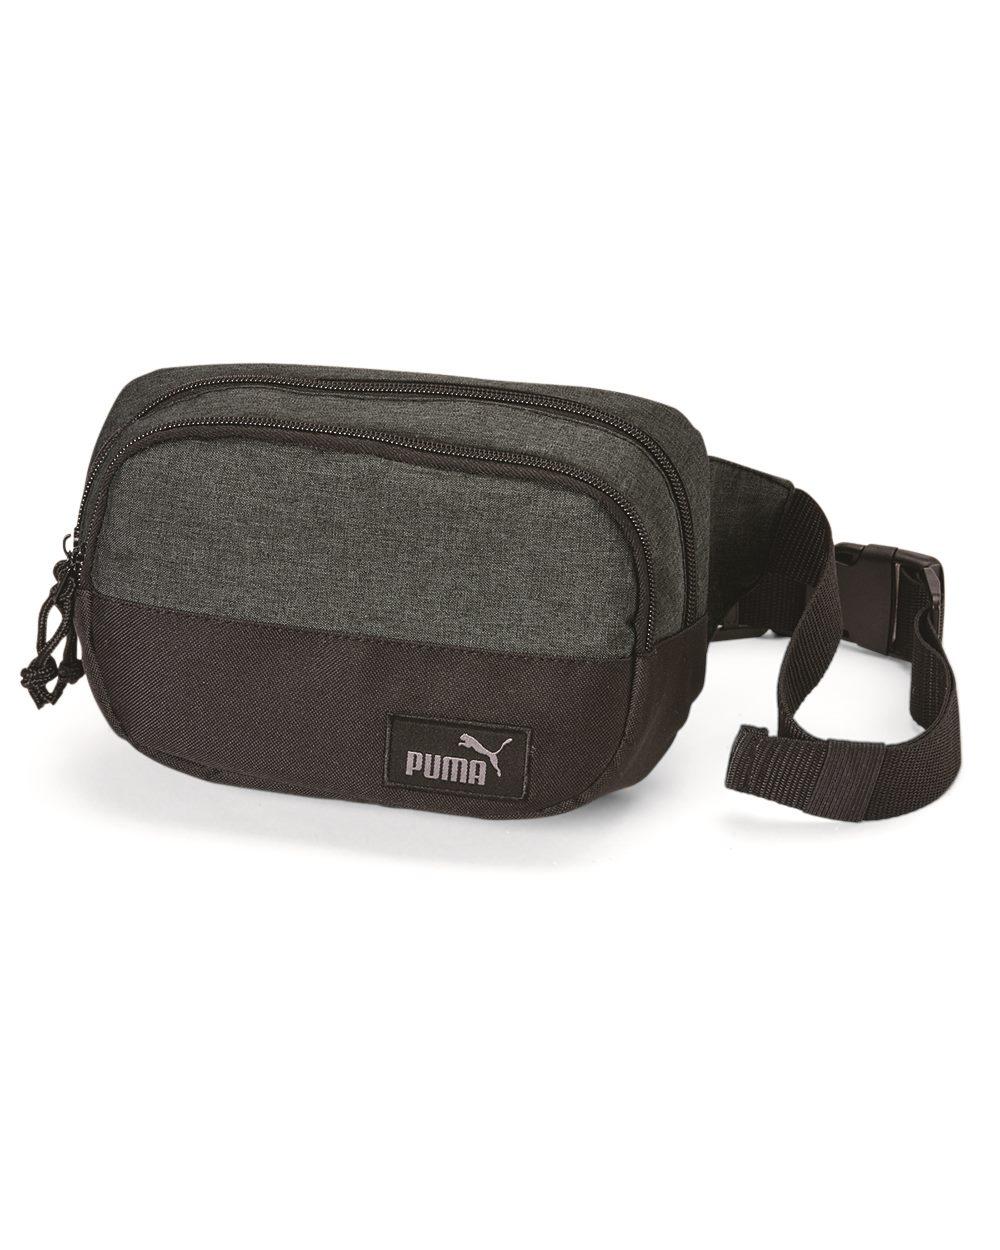 Puma PSC1043 - Fanny Pack